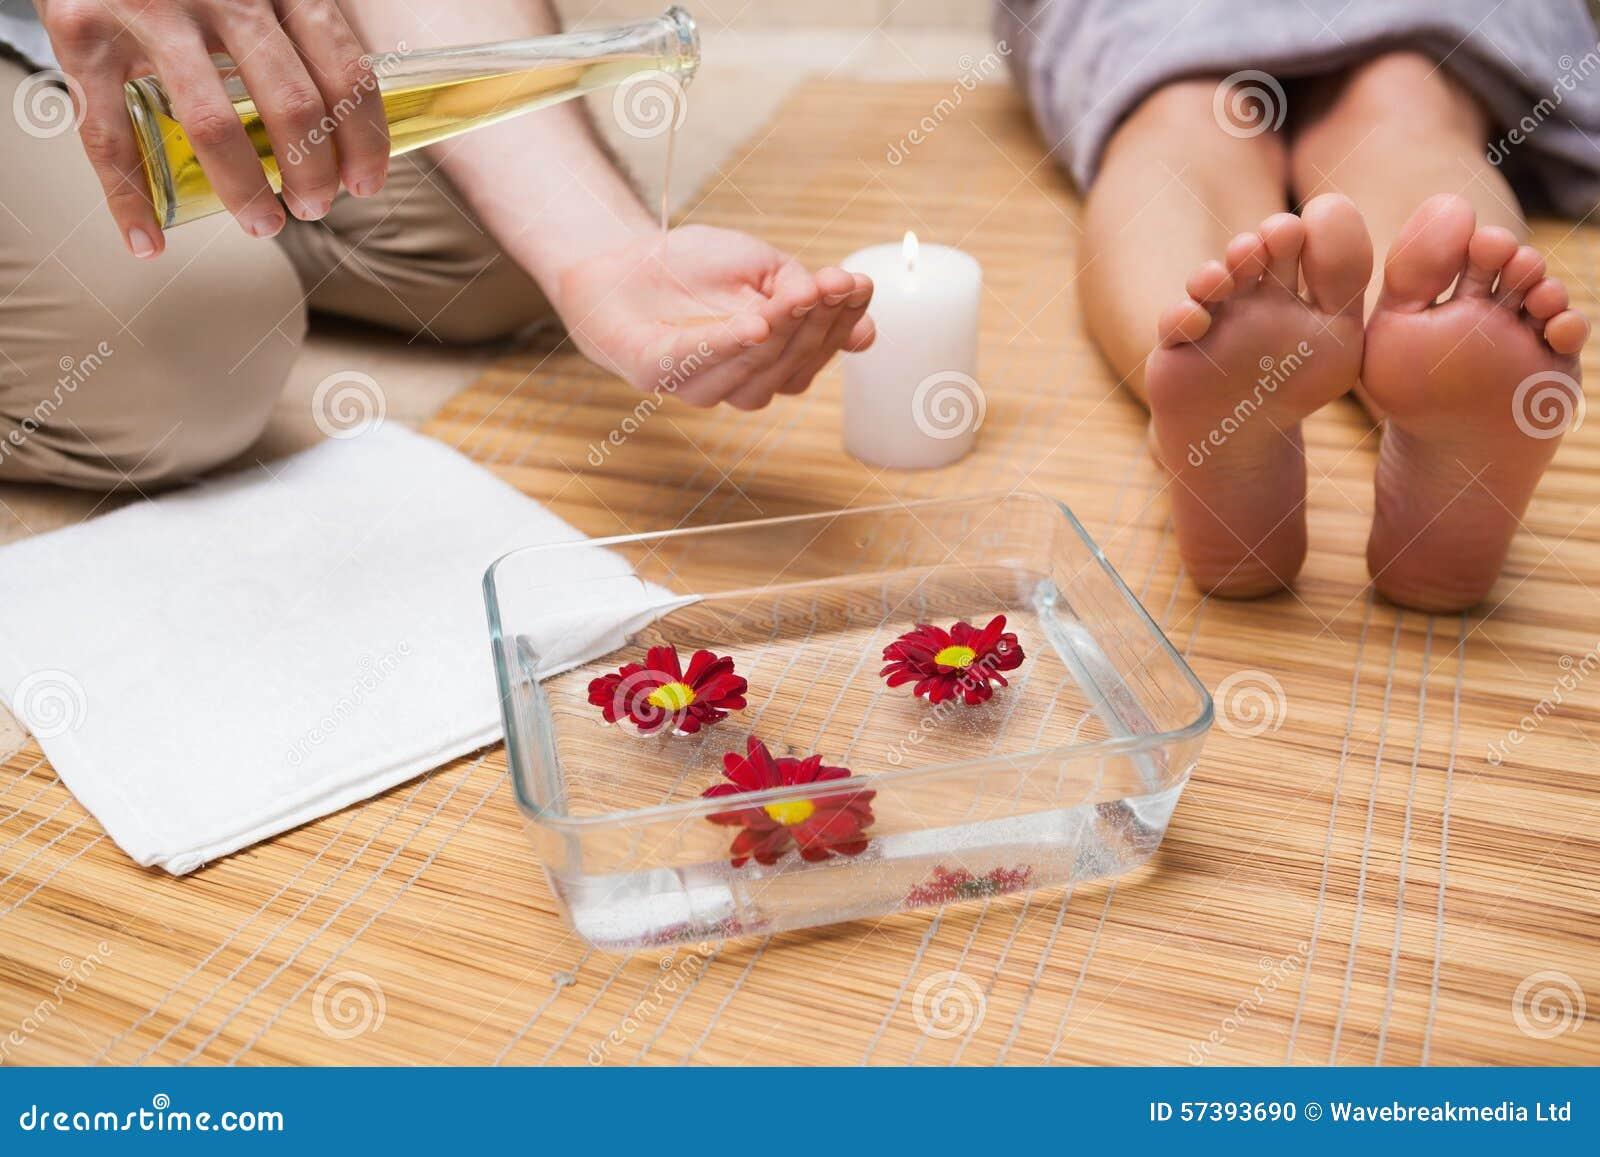 Pedicure gietende olie in handen